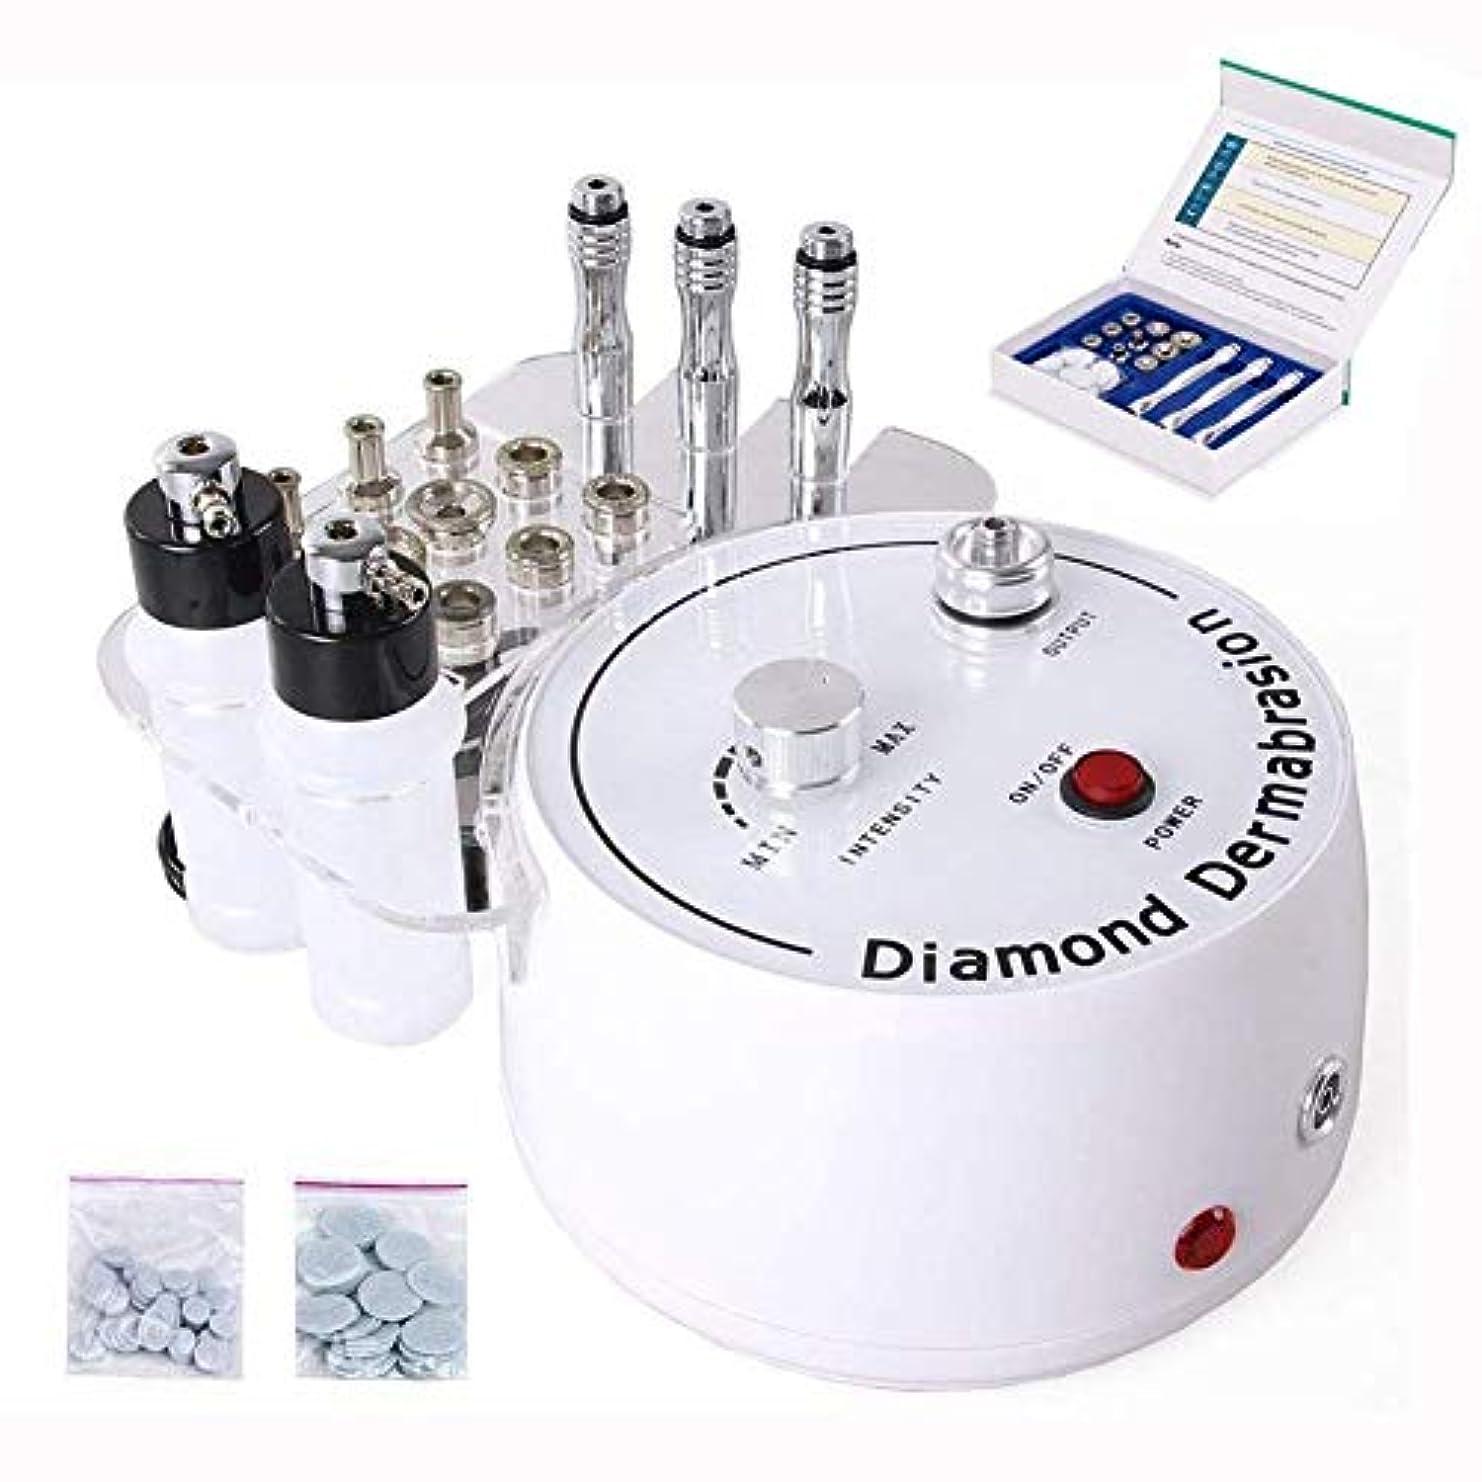 大いに原告プロジェクターダイヤモンドマイクロダーマブレーション皮膚剥離機、ピーリング美容機しわフェイスピーリングマシン、専門の皮膚剥離装置肌用美容機器を引き締め若返りリフティングピーリング